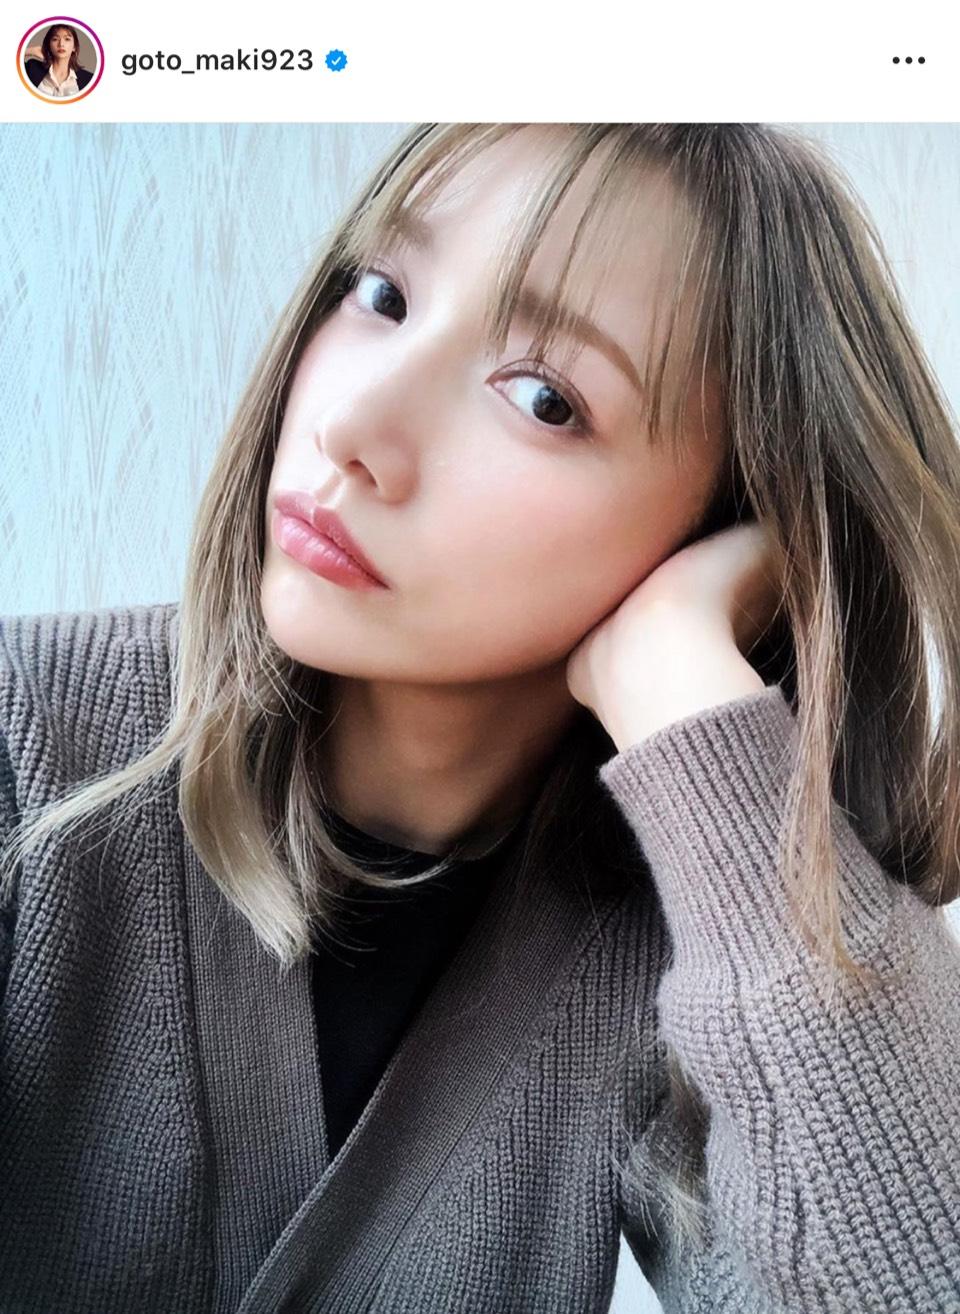 後藤真希、秋色コーデ&コーラルリップの自撮りSHOT公開し反響「鬼可愛い」「来週で35歳になるとは…」